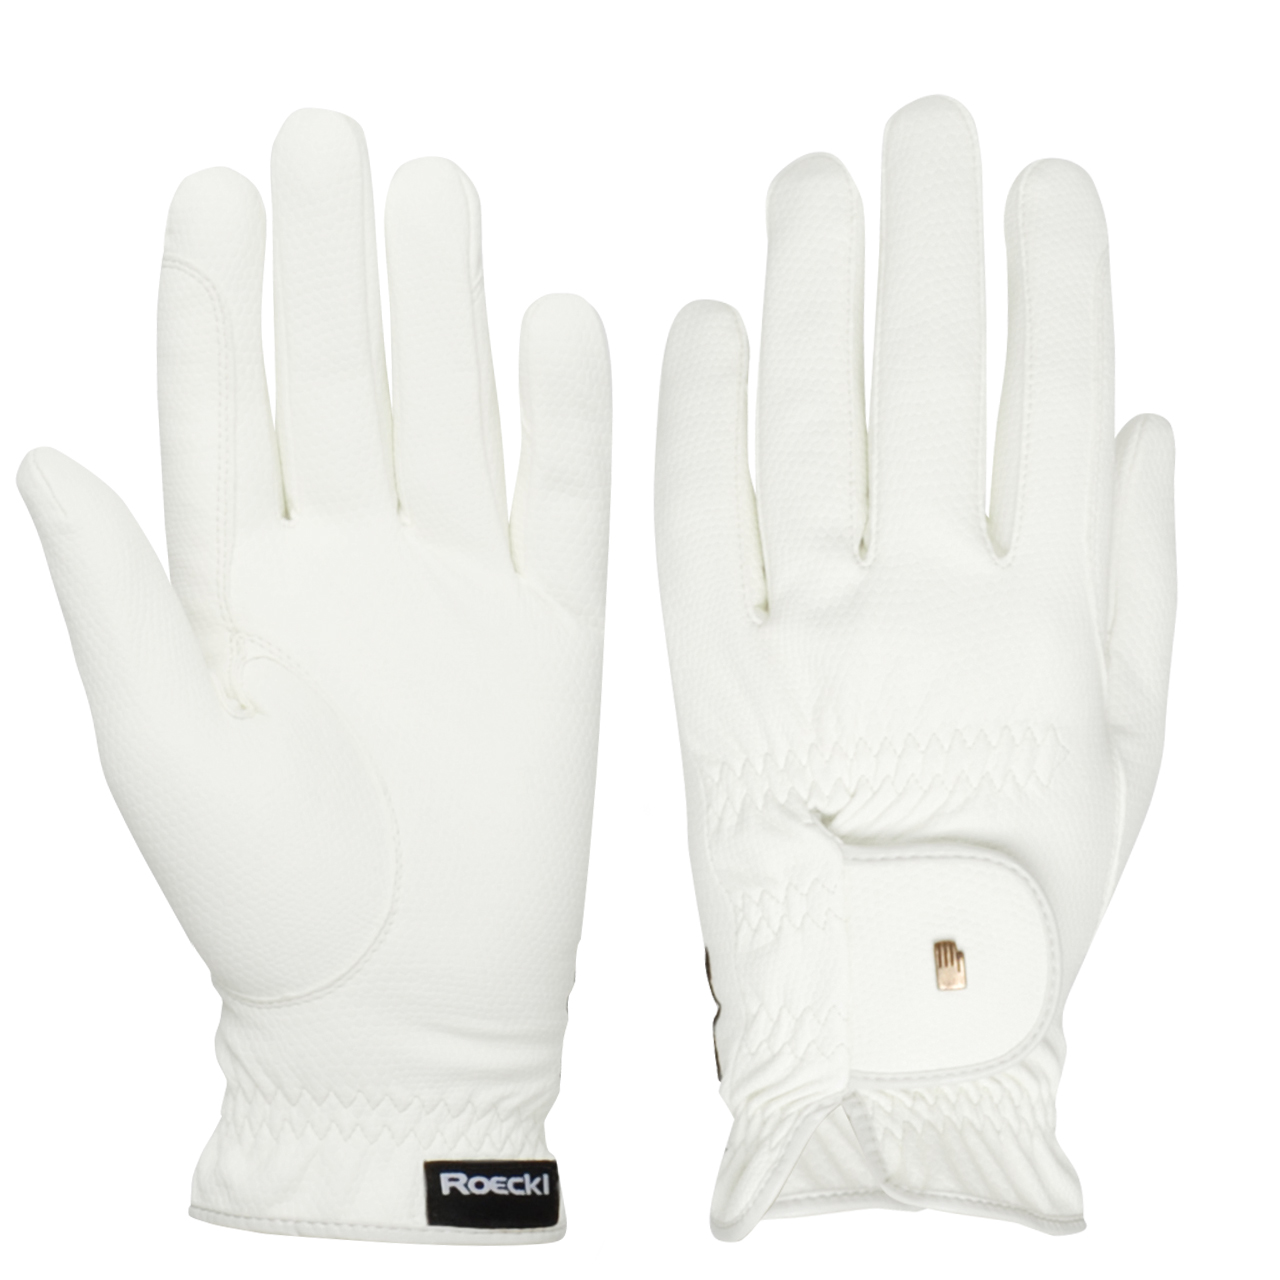 Roeckl Roeck grip Handschoen